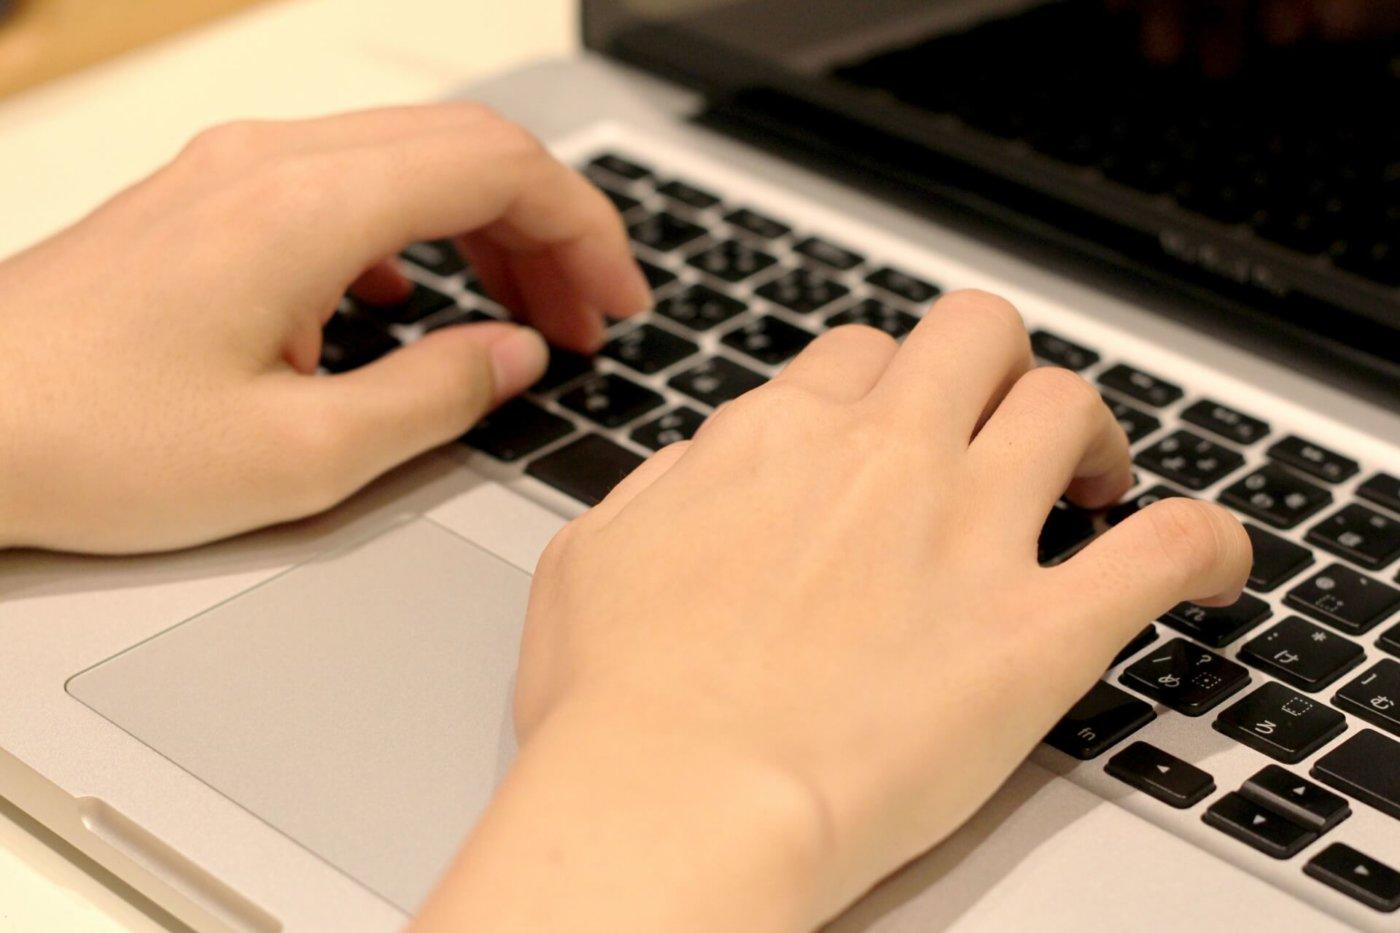 打ち合わせの依頼をメールで送ろう!簡素な返信を獲得するメールの書き方